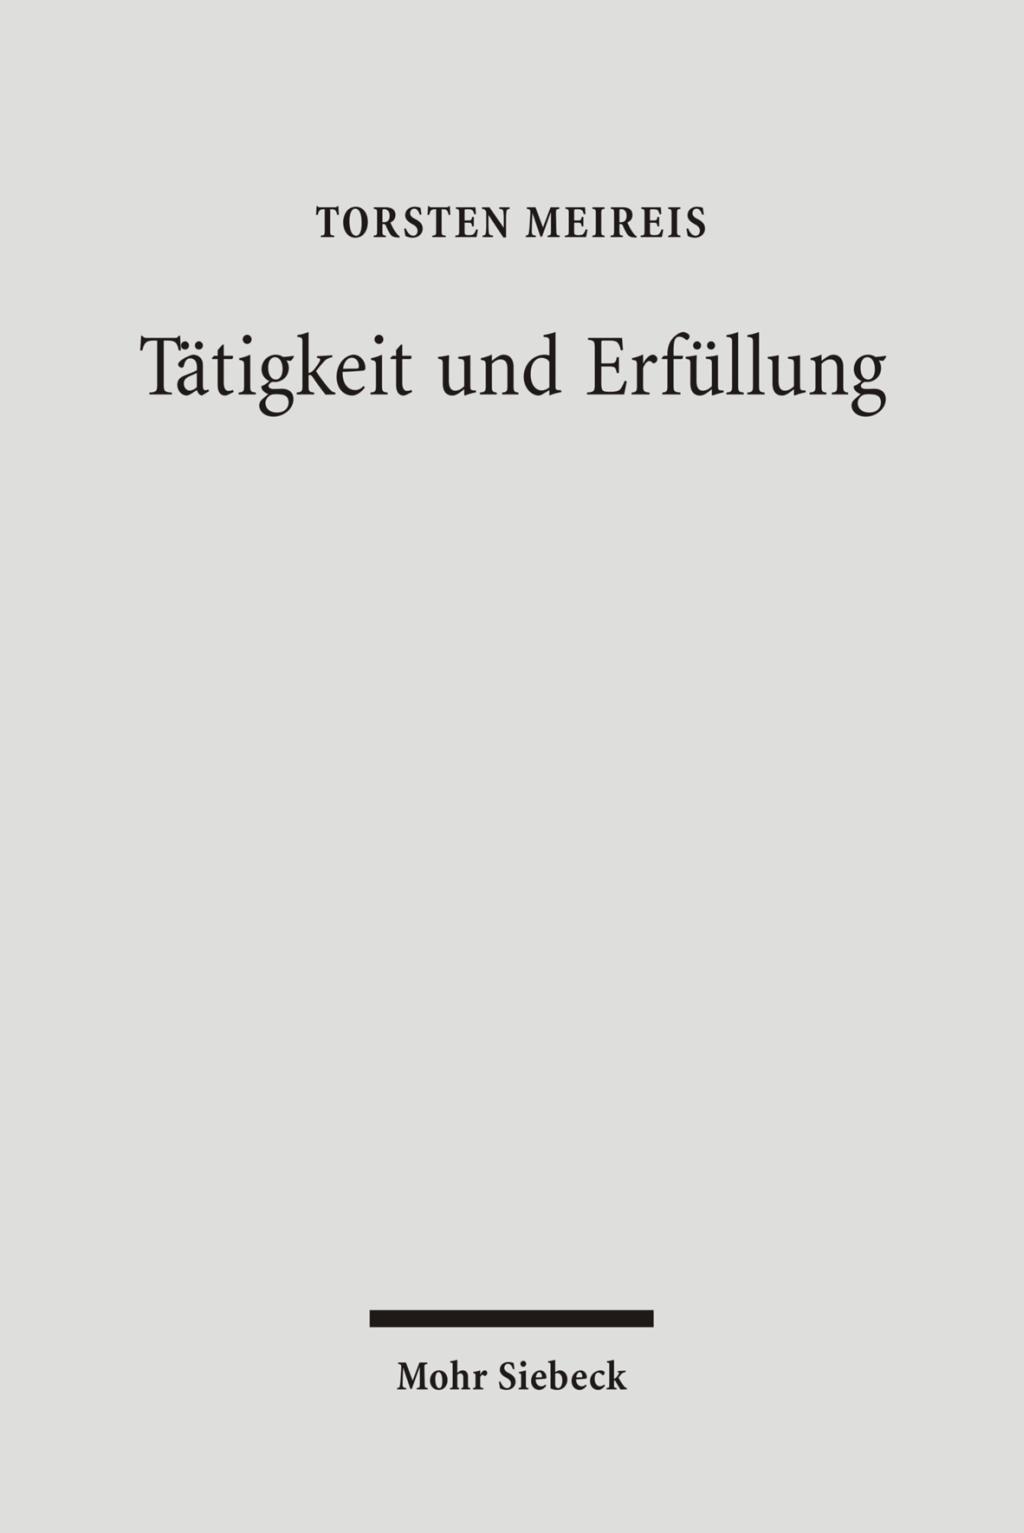 Tätigkeit und Erfüllung Torsten Meireis